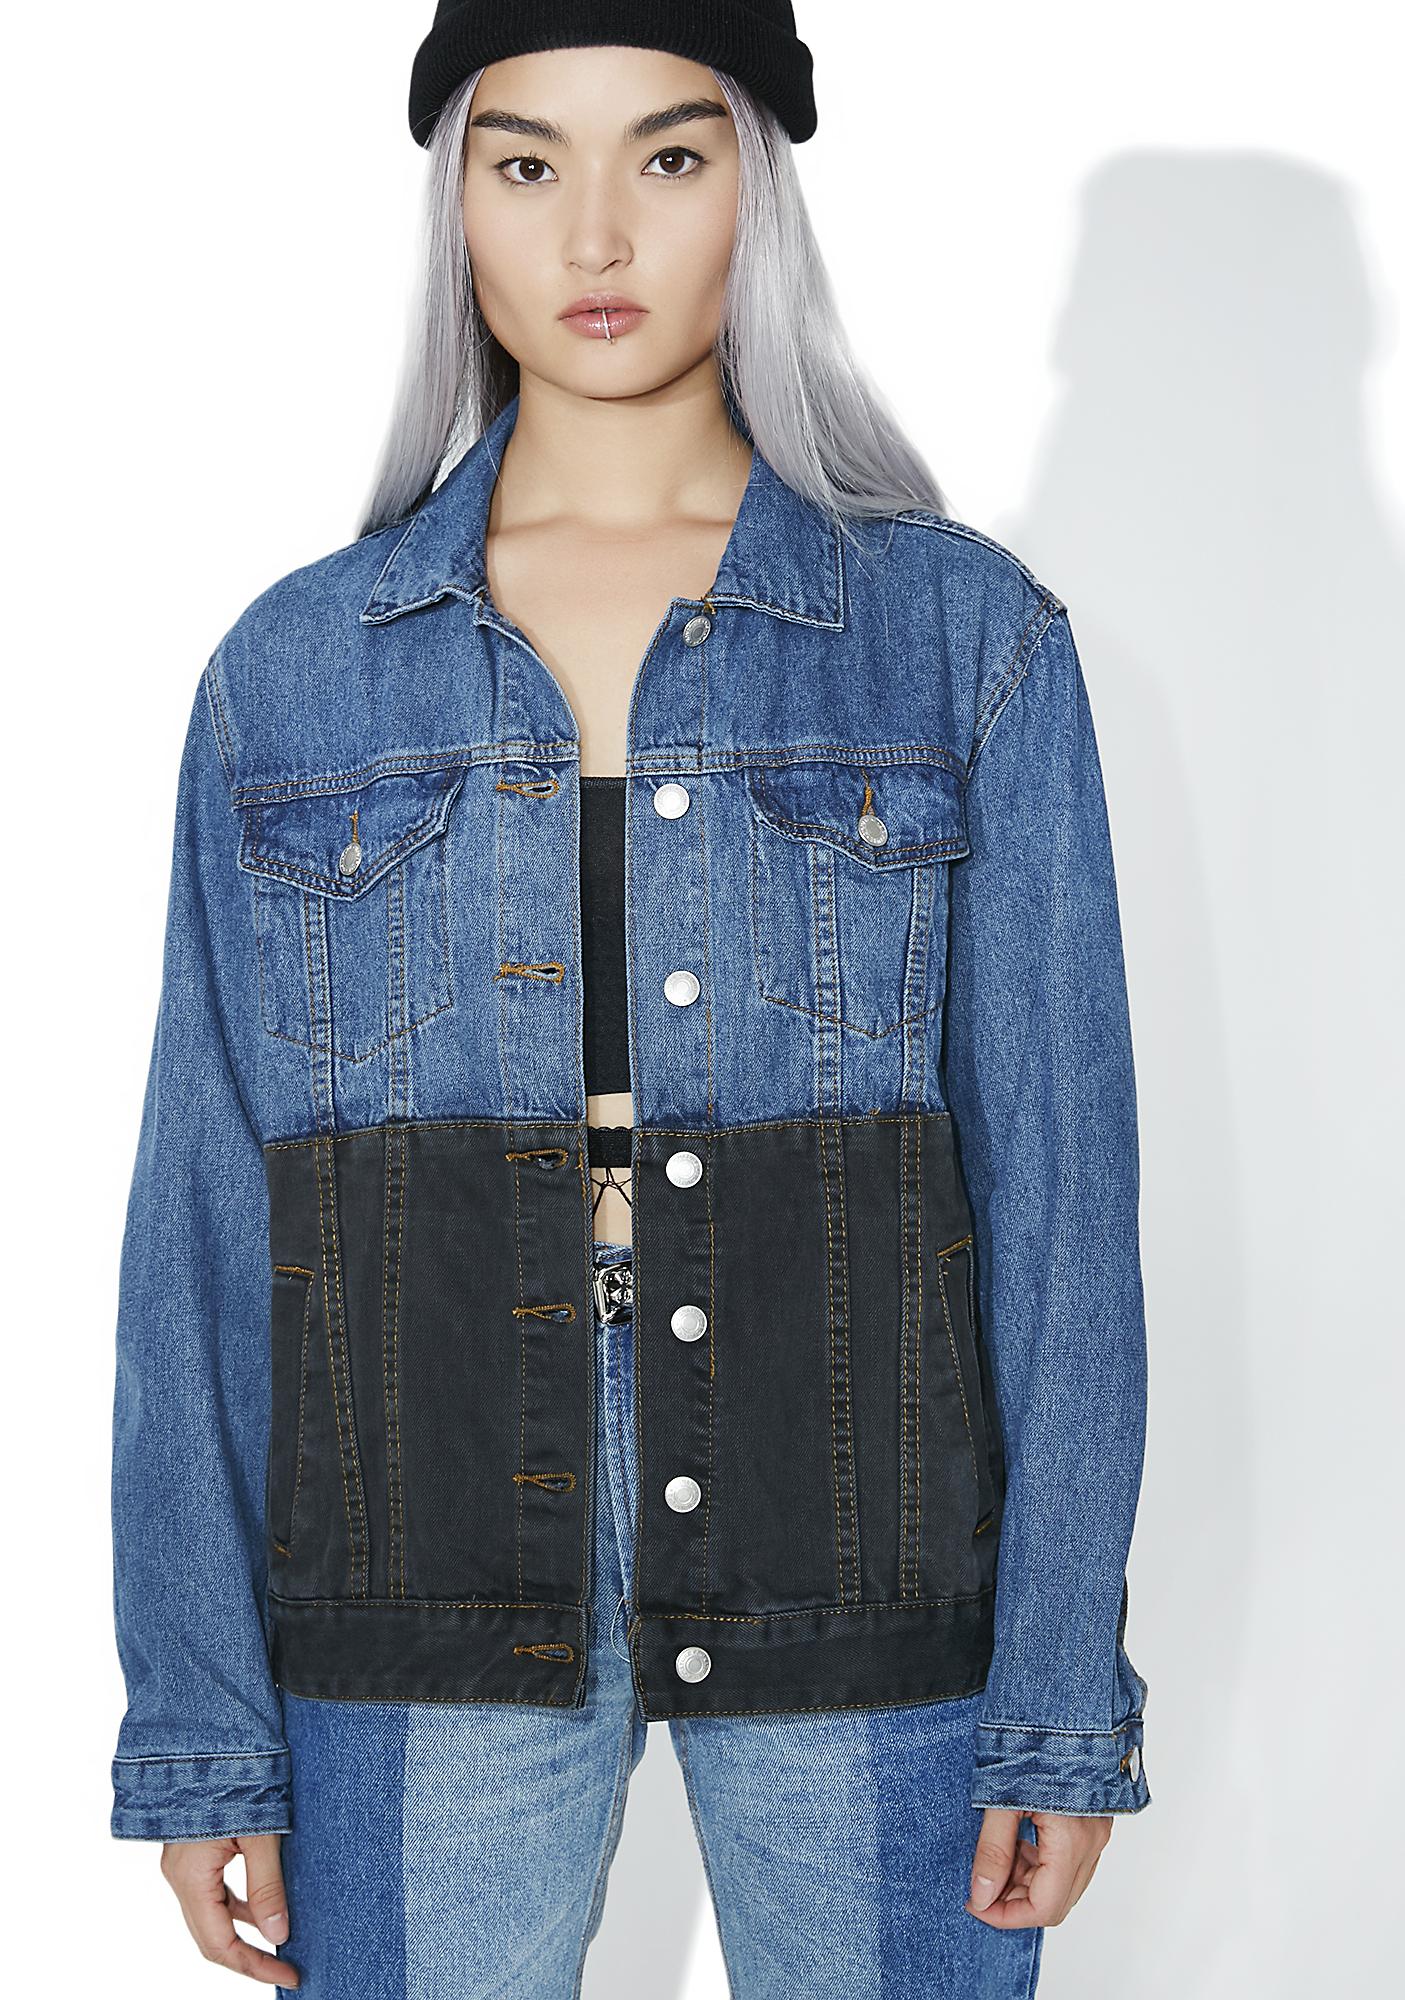 Black 'N Blue Denim Jacket